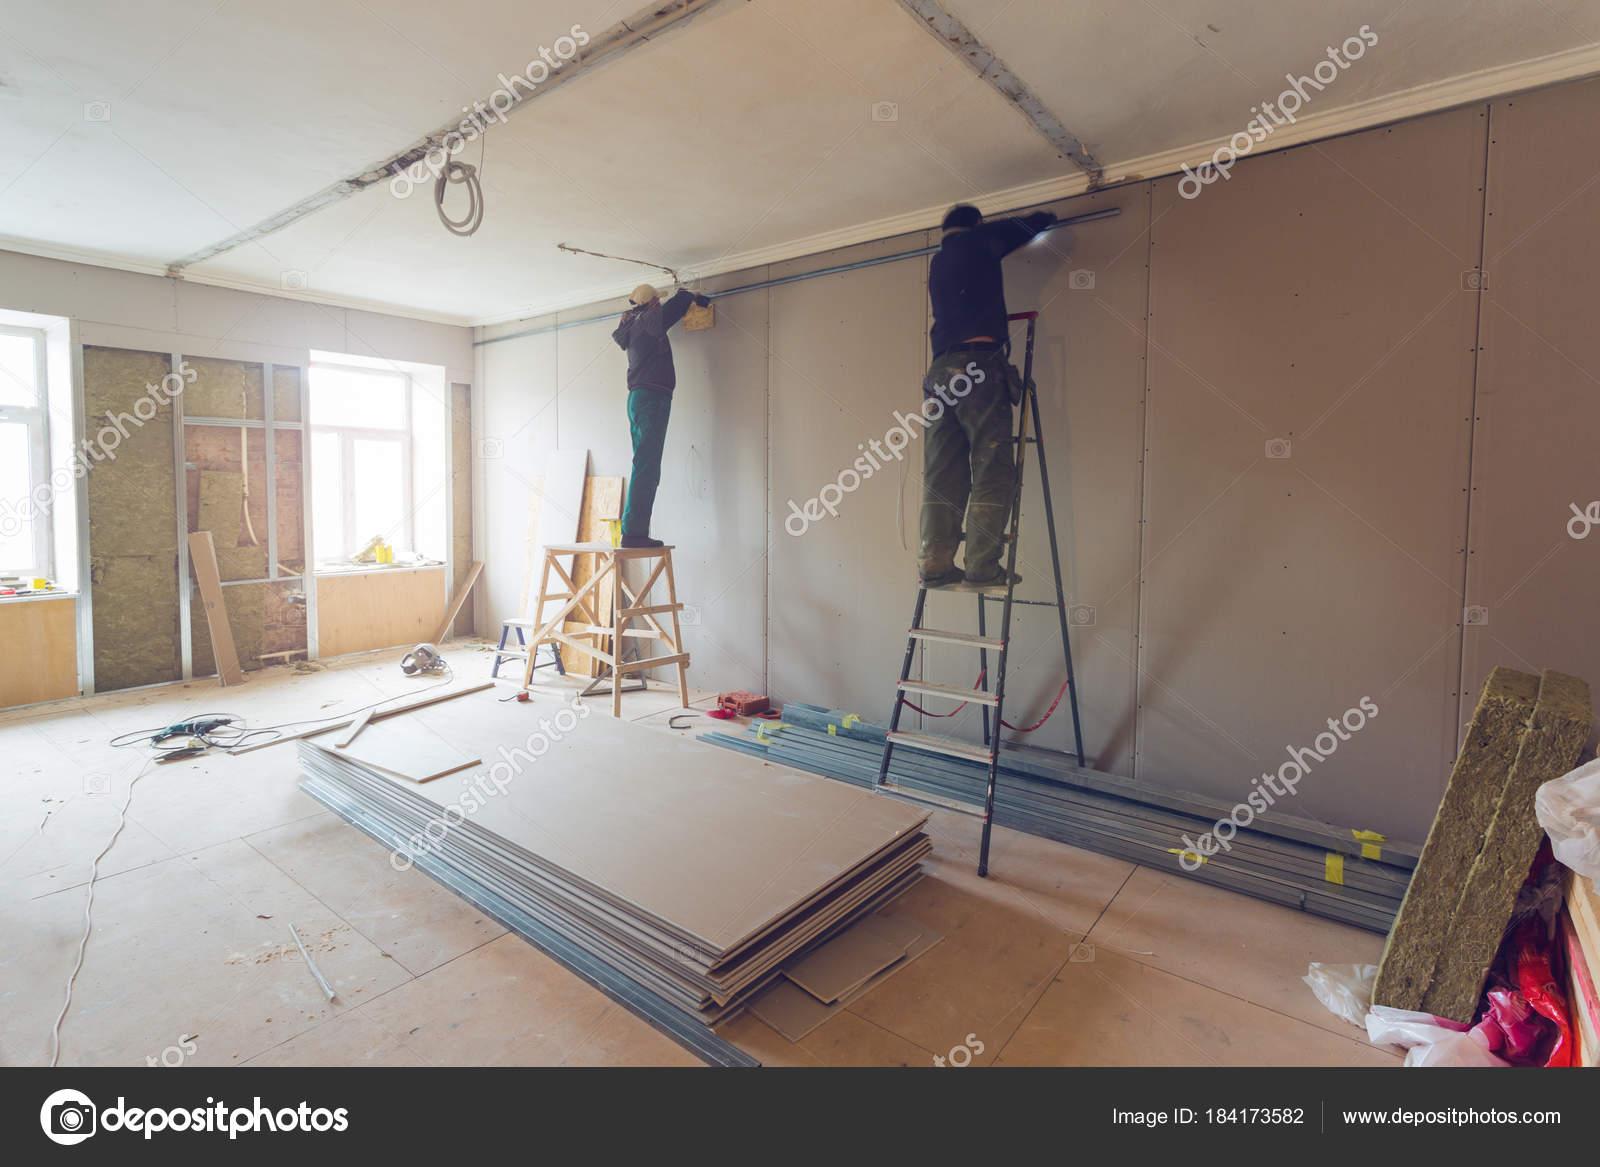 Los Trabajadores Instalar Placas Yeso Drywall Para Paredes Yeso - Placas-para-paredes